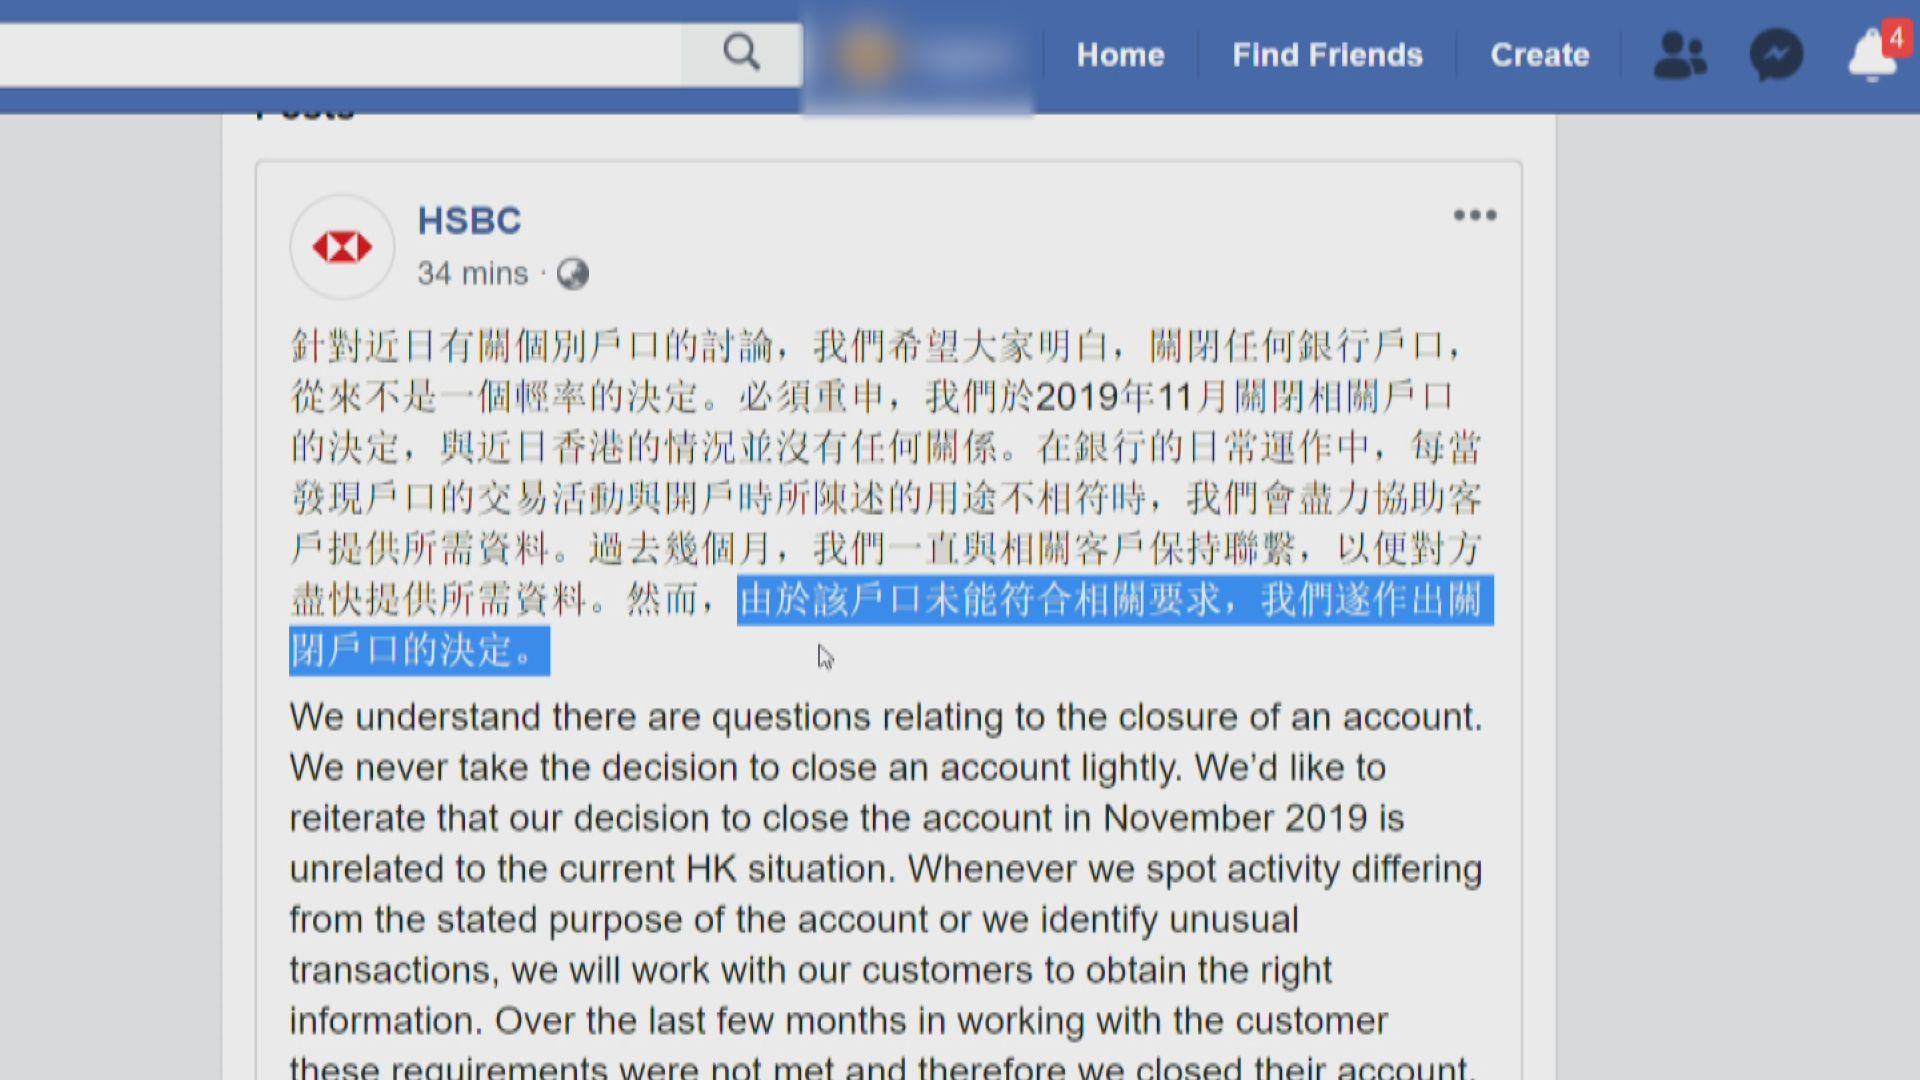 滙豐指關閉星火同盟戶口決定與近日香港情況無關